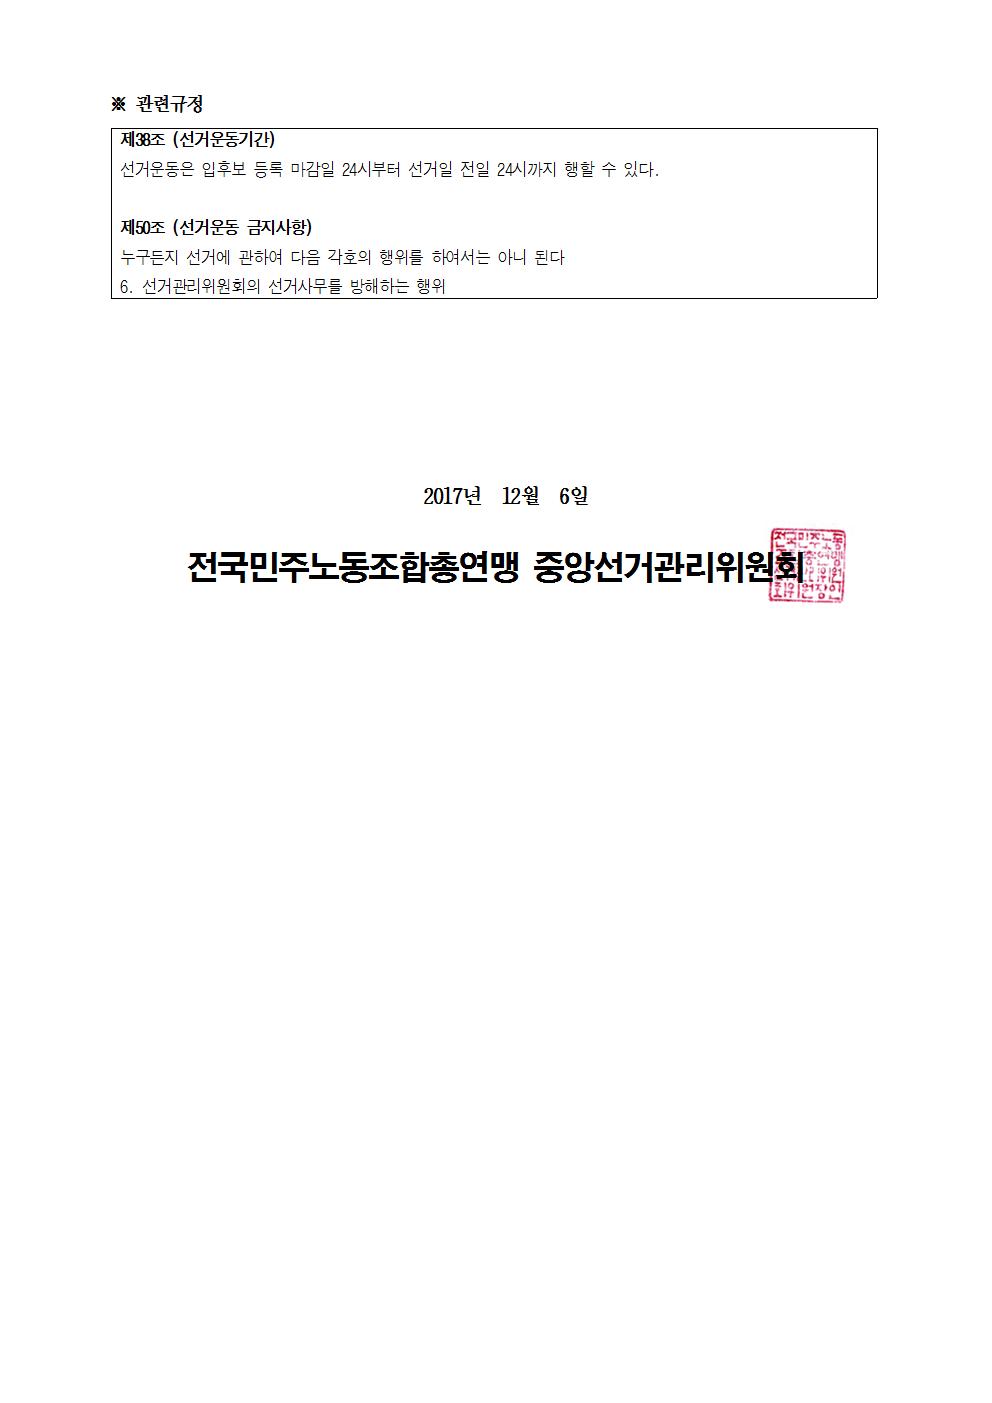 기아차 화성 비정규직지회 단체채팅방 특정후보자 투표 권유행위 제재 결정 알림002.png